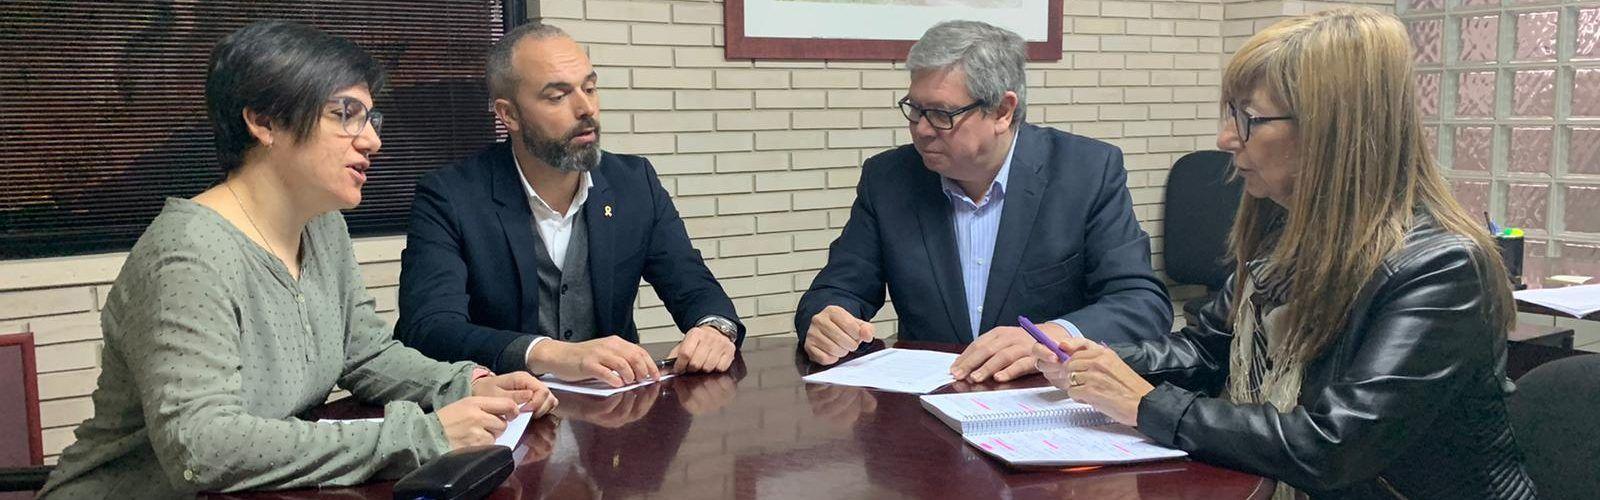 Els Consells Comarcals de Terres de l'Ebre aborden de manera conjunta els problemes del territori